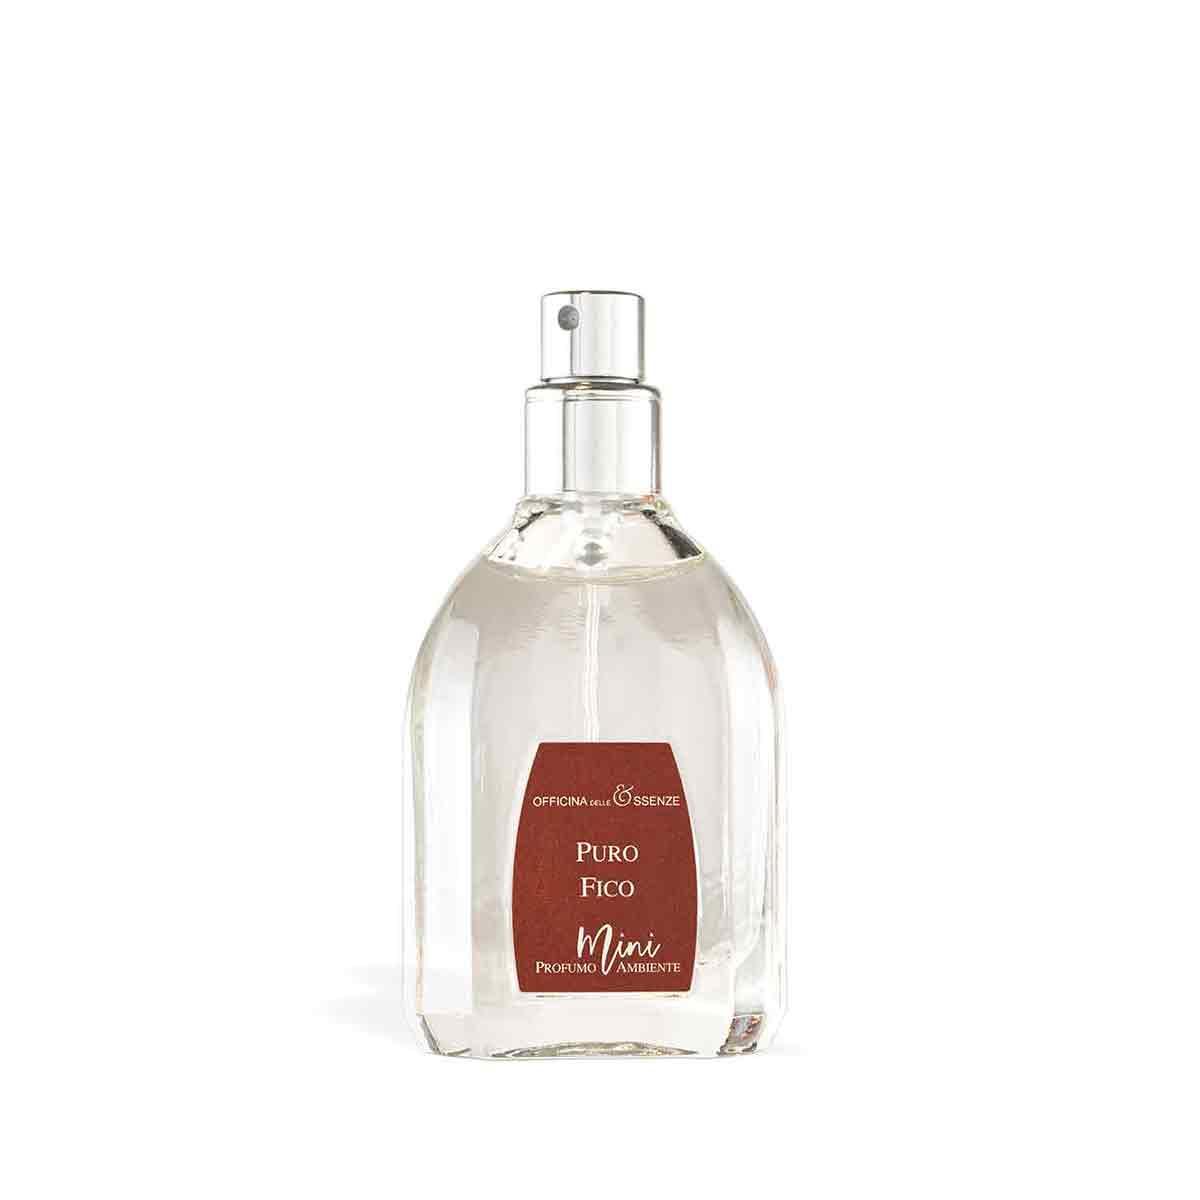 Mini profumo ambiente Puro Fico da 25 ml